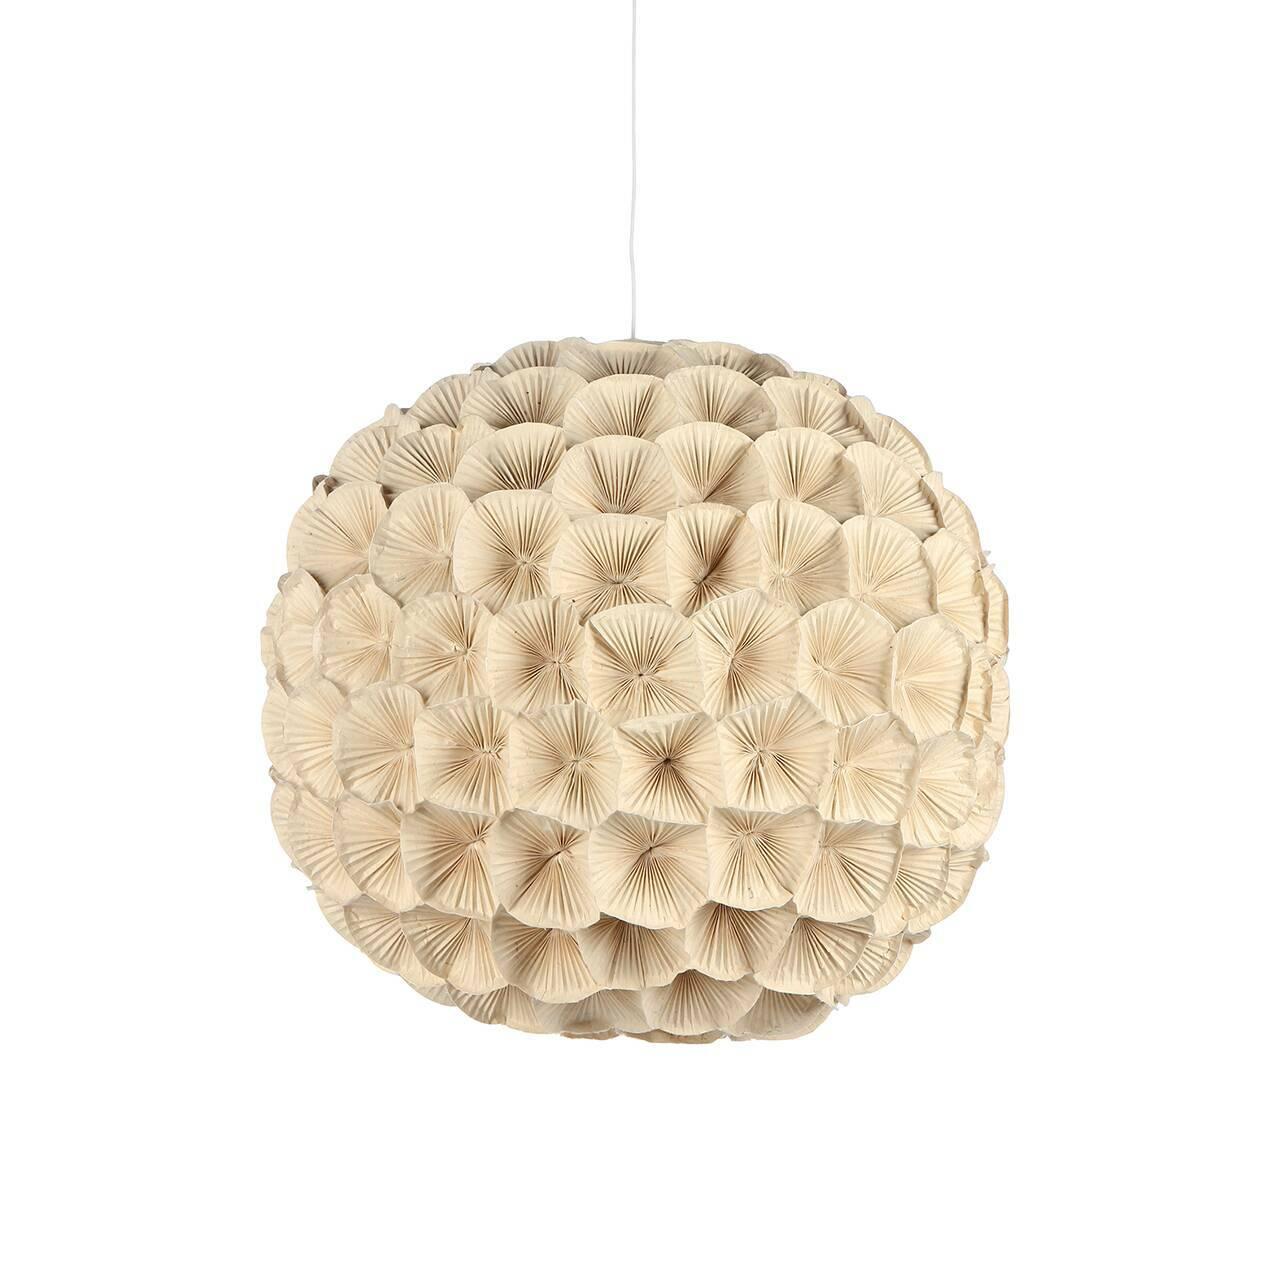 Подвесной светильник Poppy 2Подвесные<br>Этот удивительно нежный и теплый светильник всем своим видом излучает скромное очарование, сдержанную красоту и элегантную женственность. Все это — отличительные черты коллекции светильников Poppy, которую разработала утонченная Кристи Мангуэрра, постоянный дизайнер компании Hive. Компания базируется на Филиппинах и использует в производстве исключительно натуральные природные материалы.<br><br><br> Цветы, формирующие подвесной светильник Poppy, сделаны вручную из гофрированного картона, плотн...<br><br>stock: 0<br>Диаметр: 80<br>Материал абажура: Бумага<br>Материал арматуры: Металл<br>Тип лампы/цоколь: E26/E27<br>Цвет абажура: Кремовый